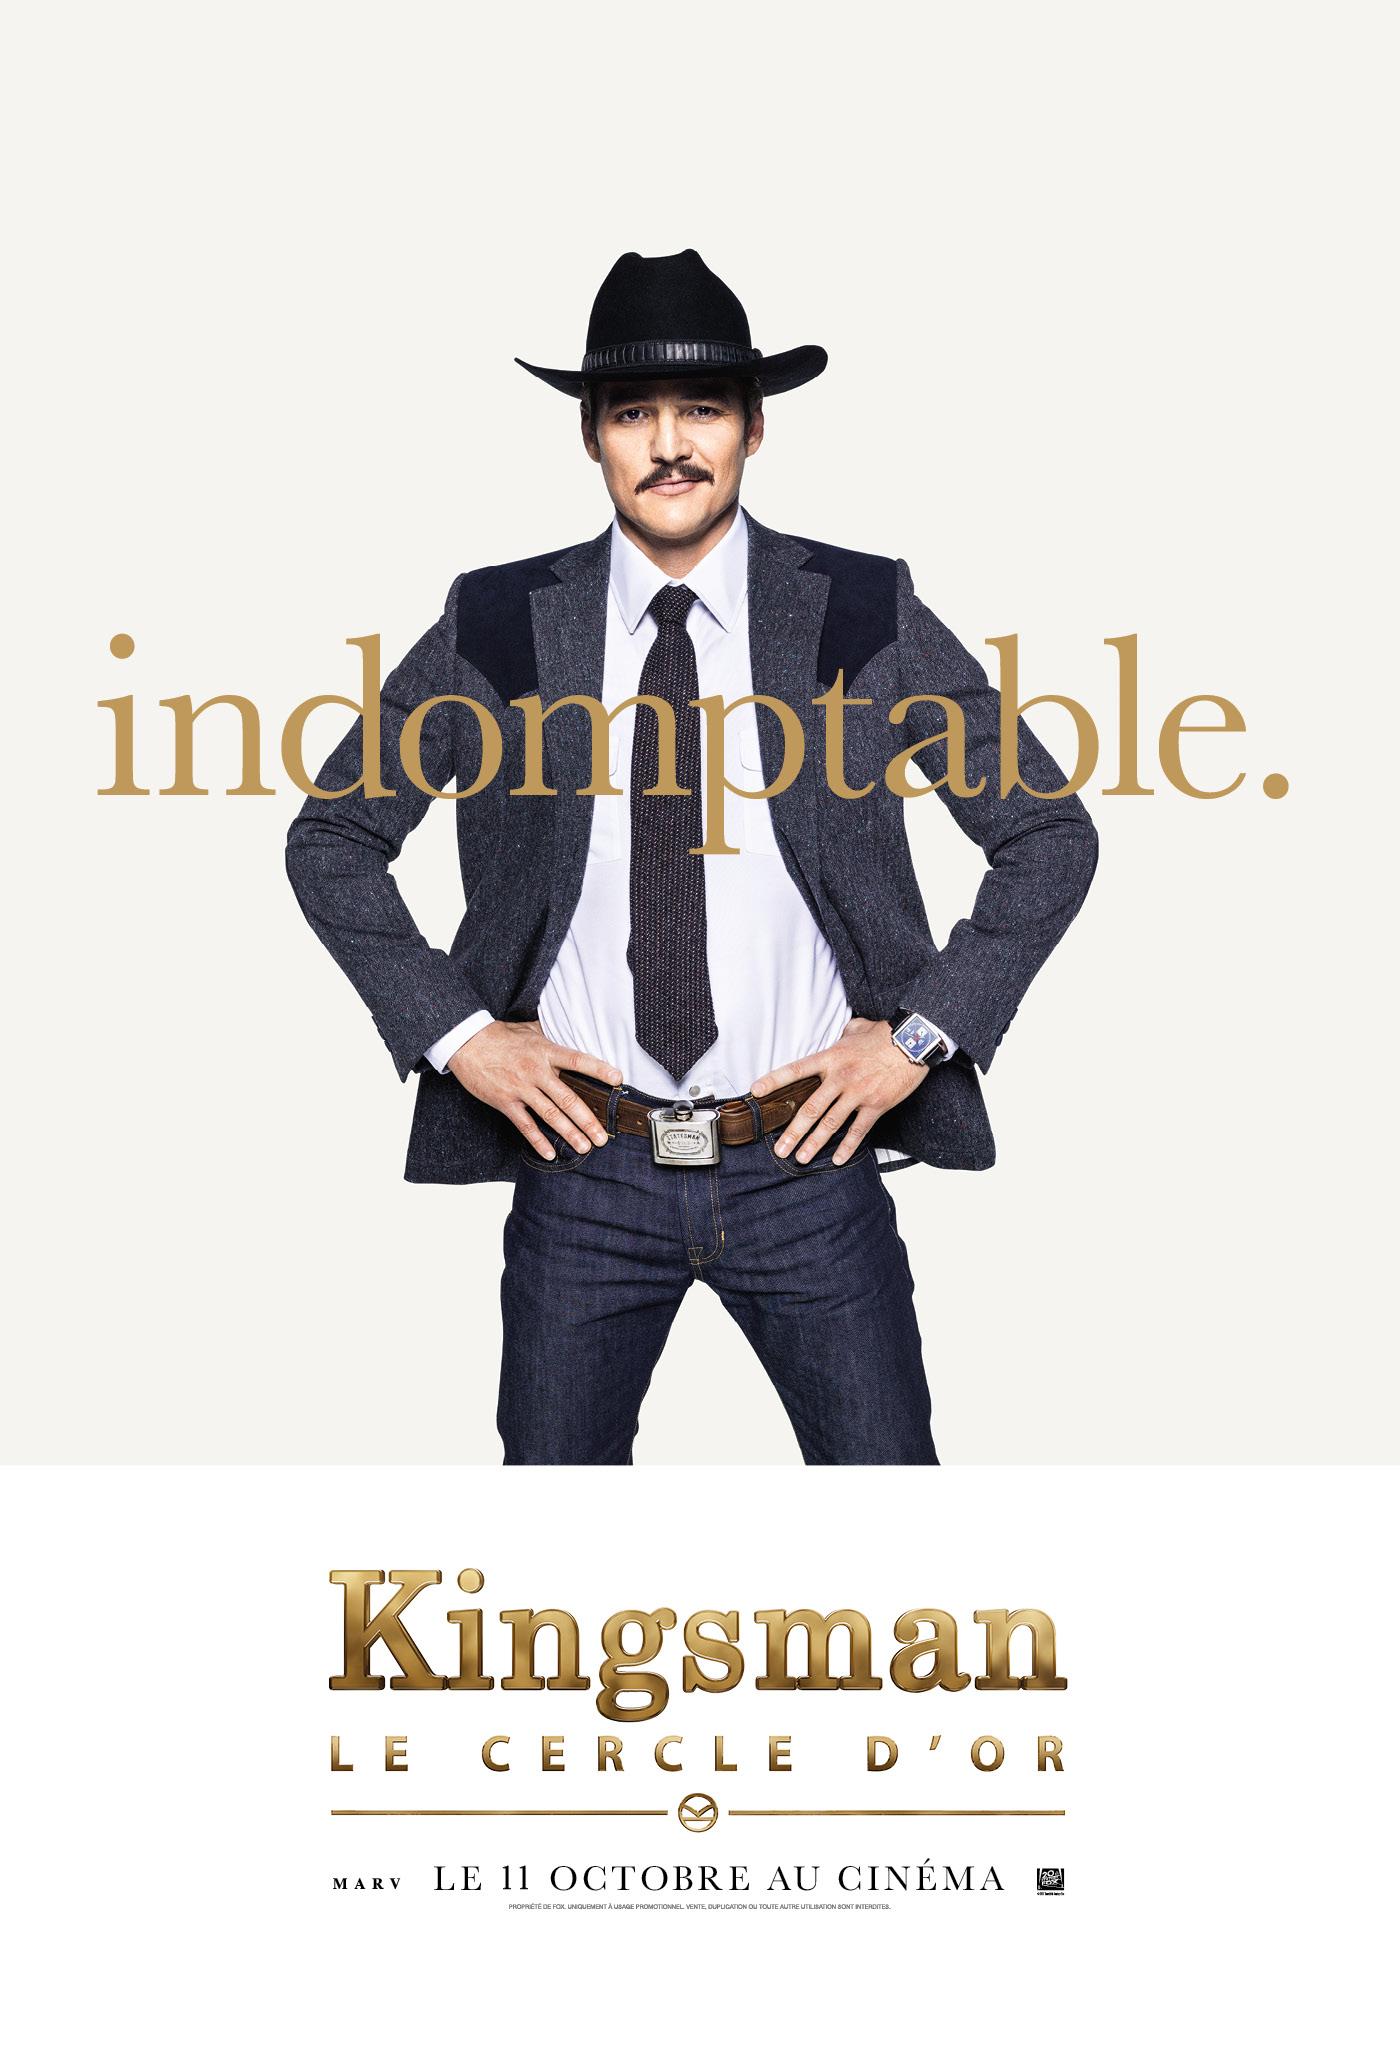 Kingsman : Le Cercle d'or – Les posters personnages – Zickma